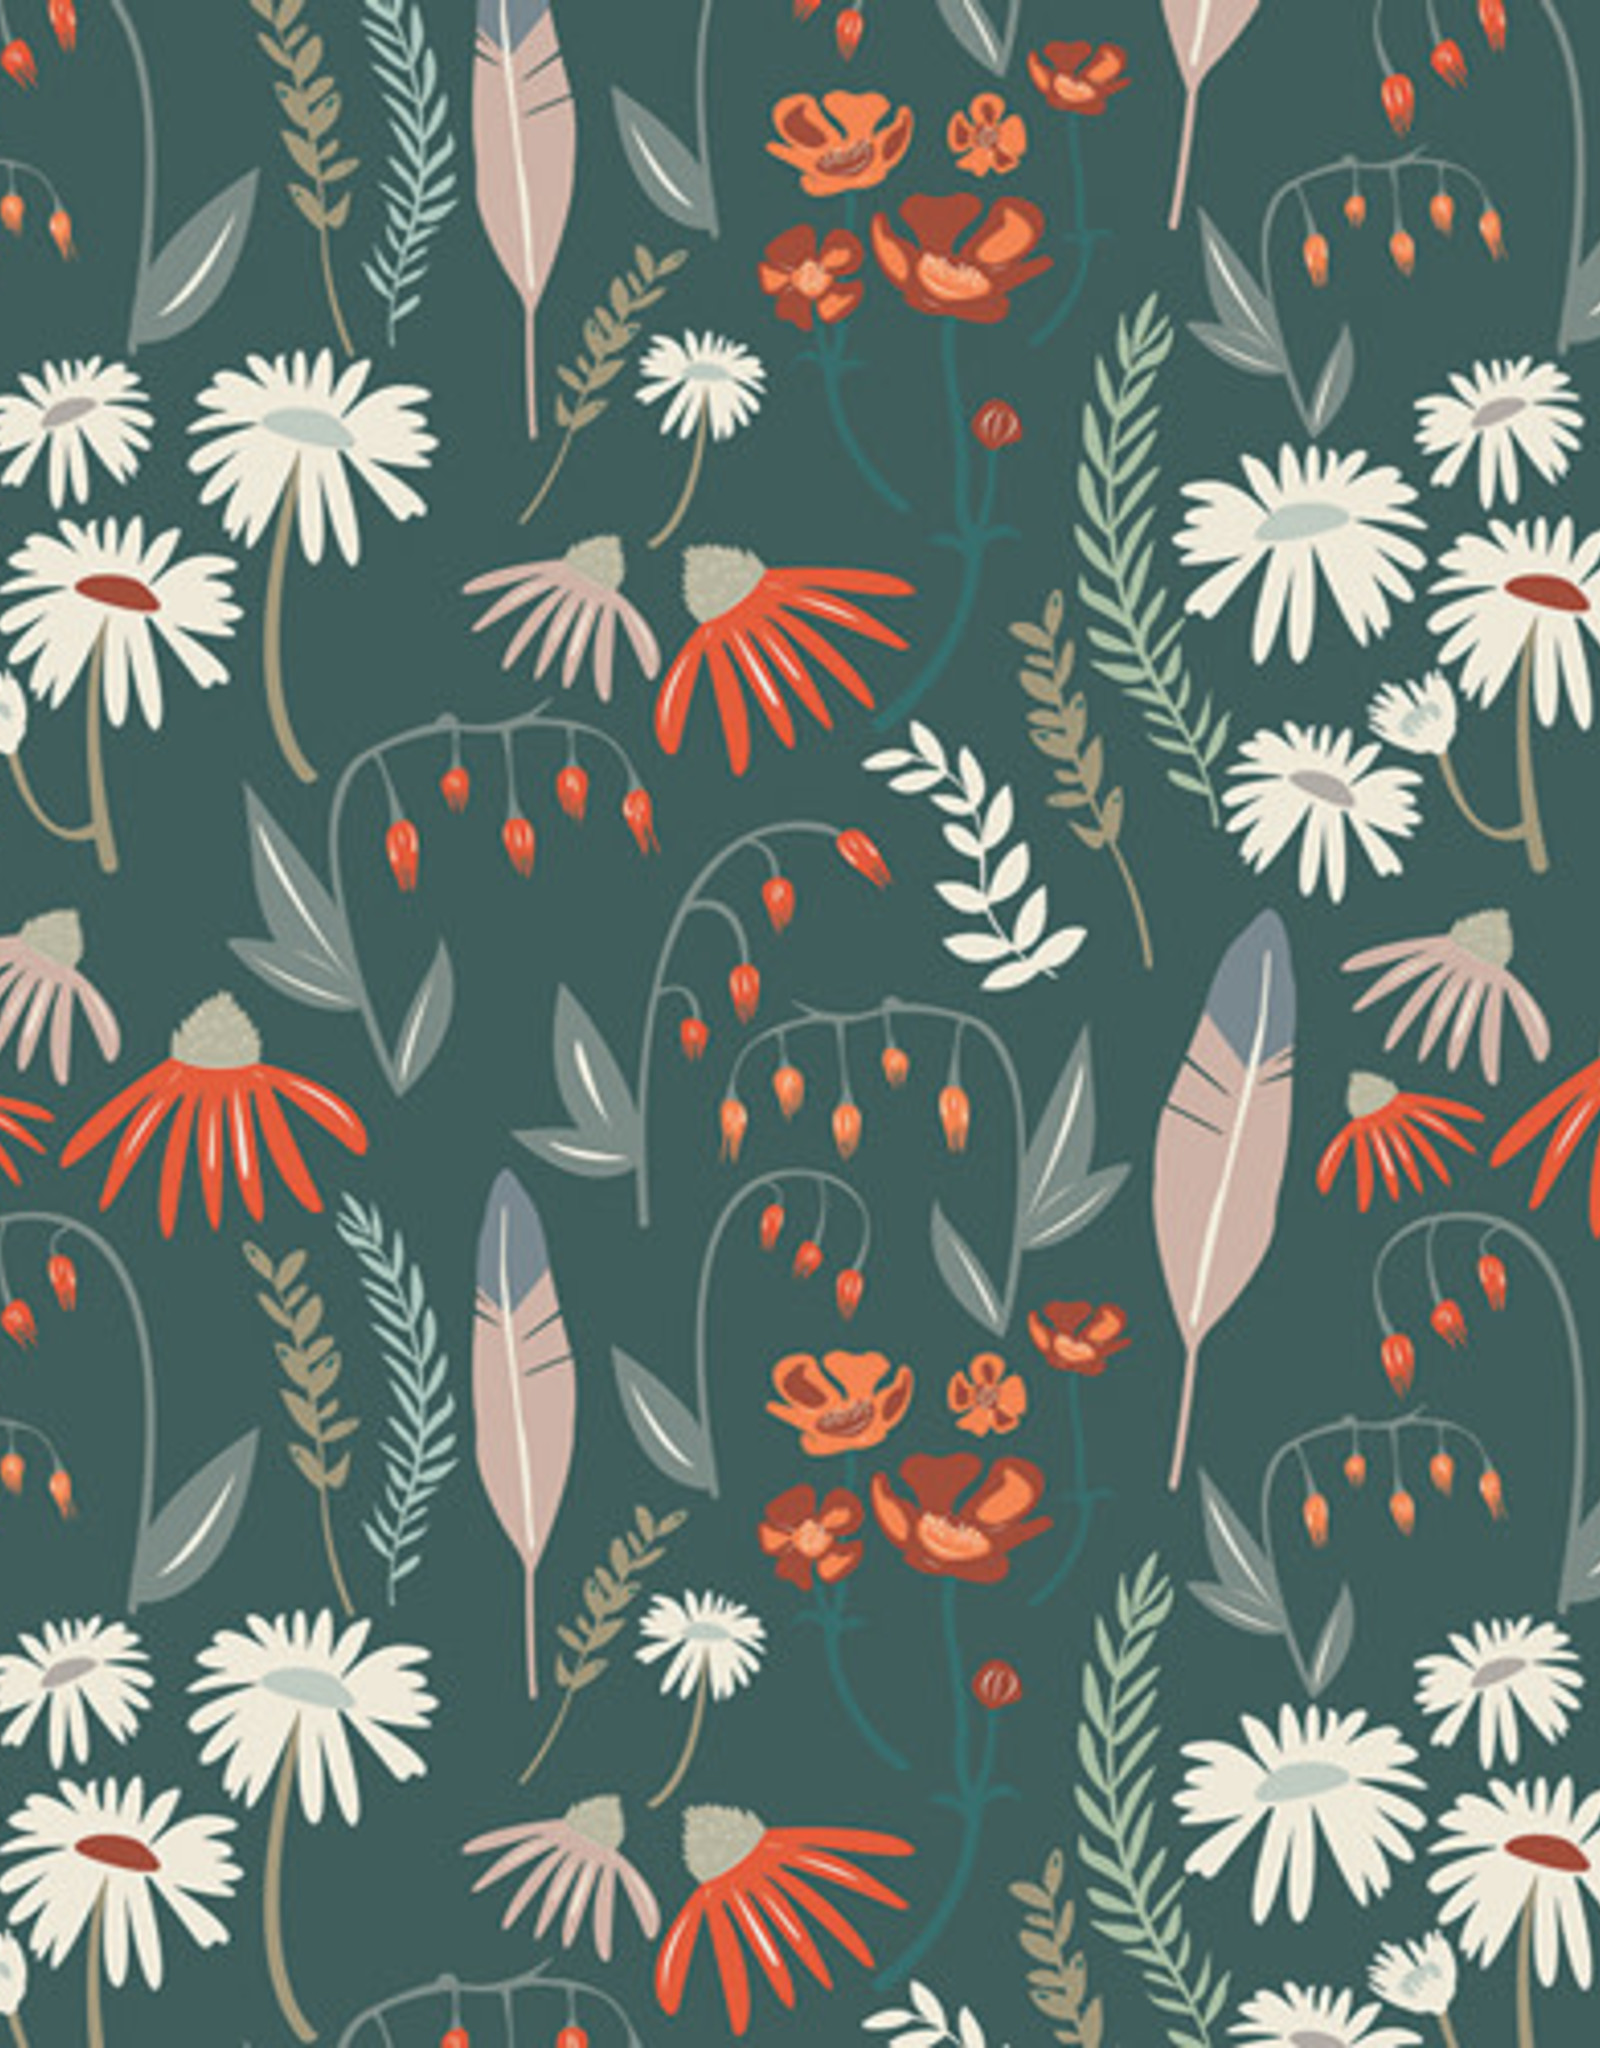 Art Gallery Fabrics Katoen - Wild Gatherings